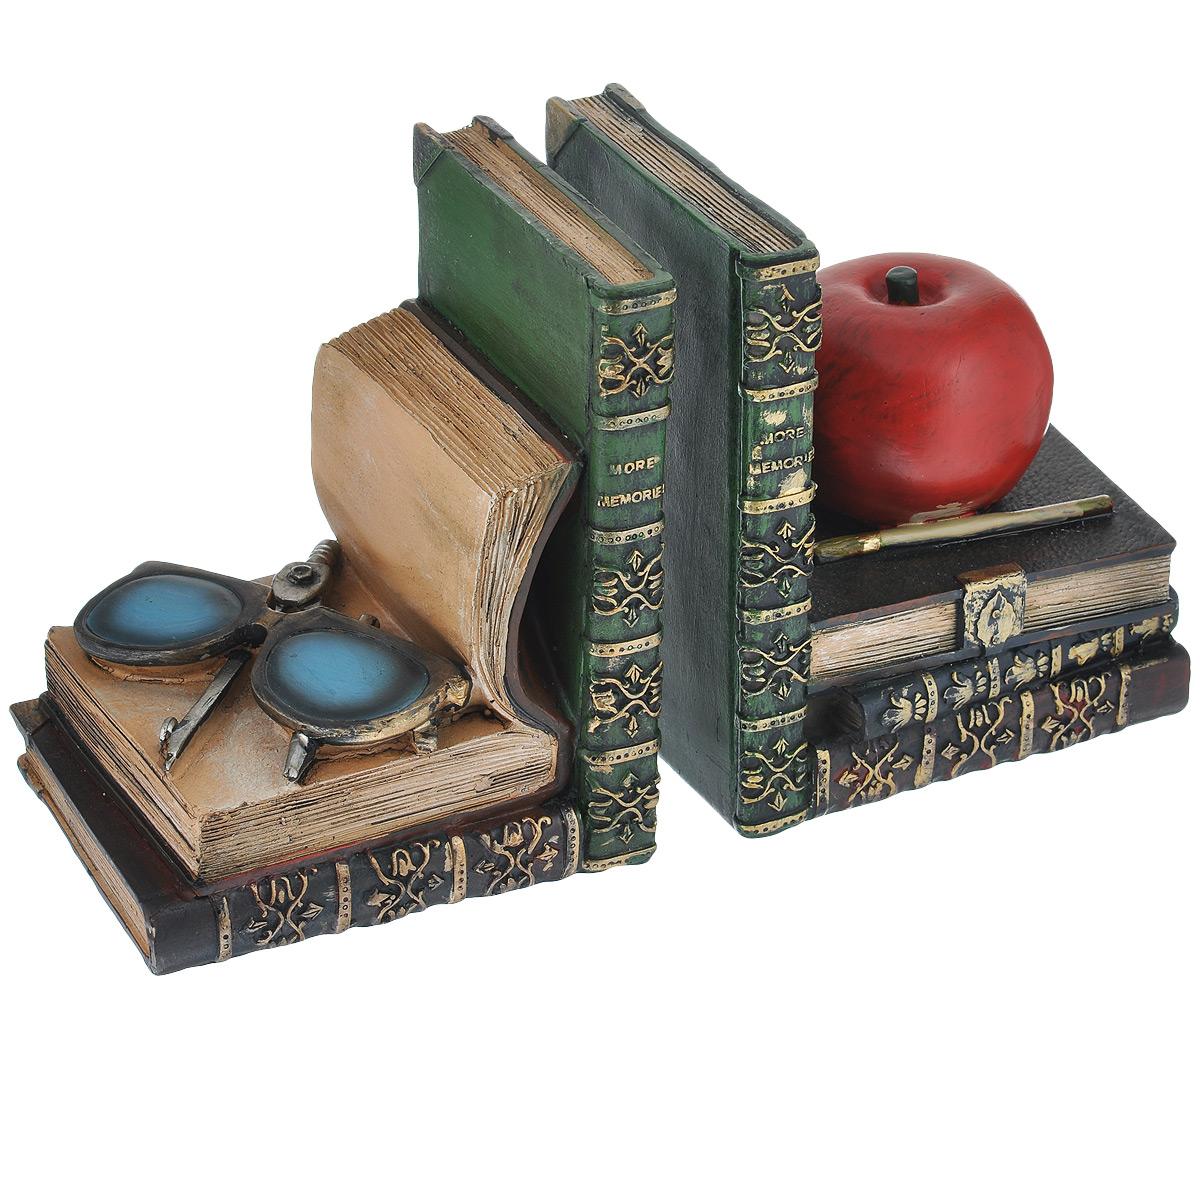 Подставка-ограничитель для книг Наука, 2 шт канцелярия спейс подставка для книг